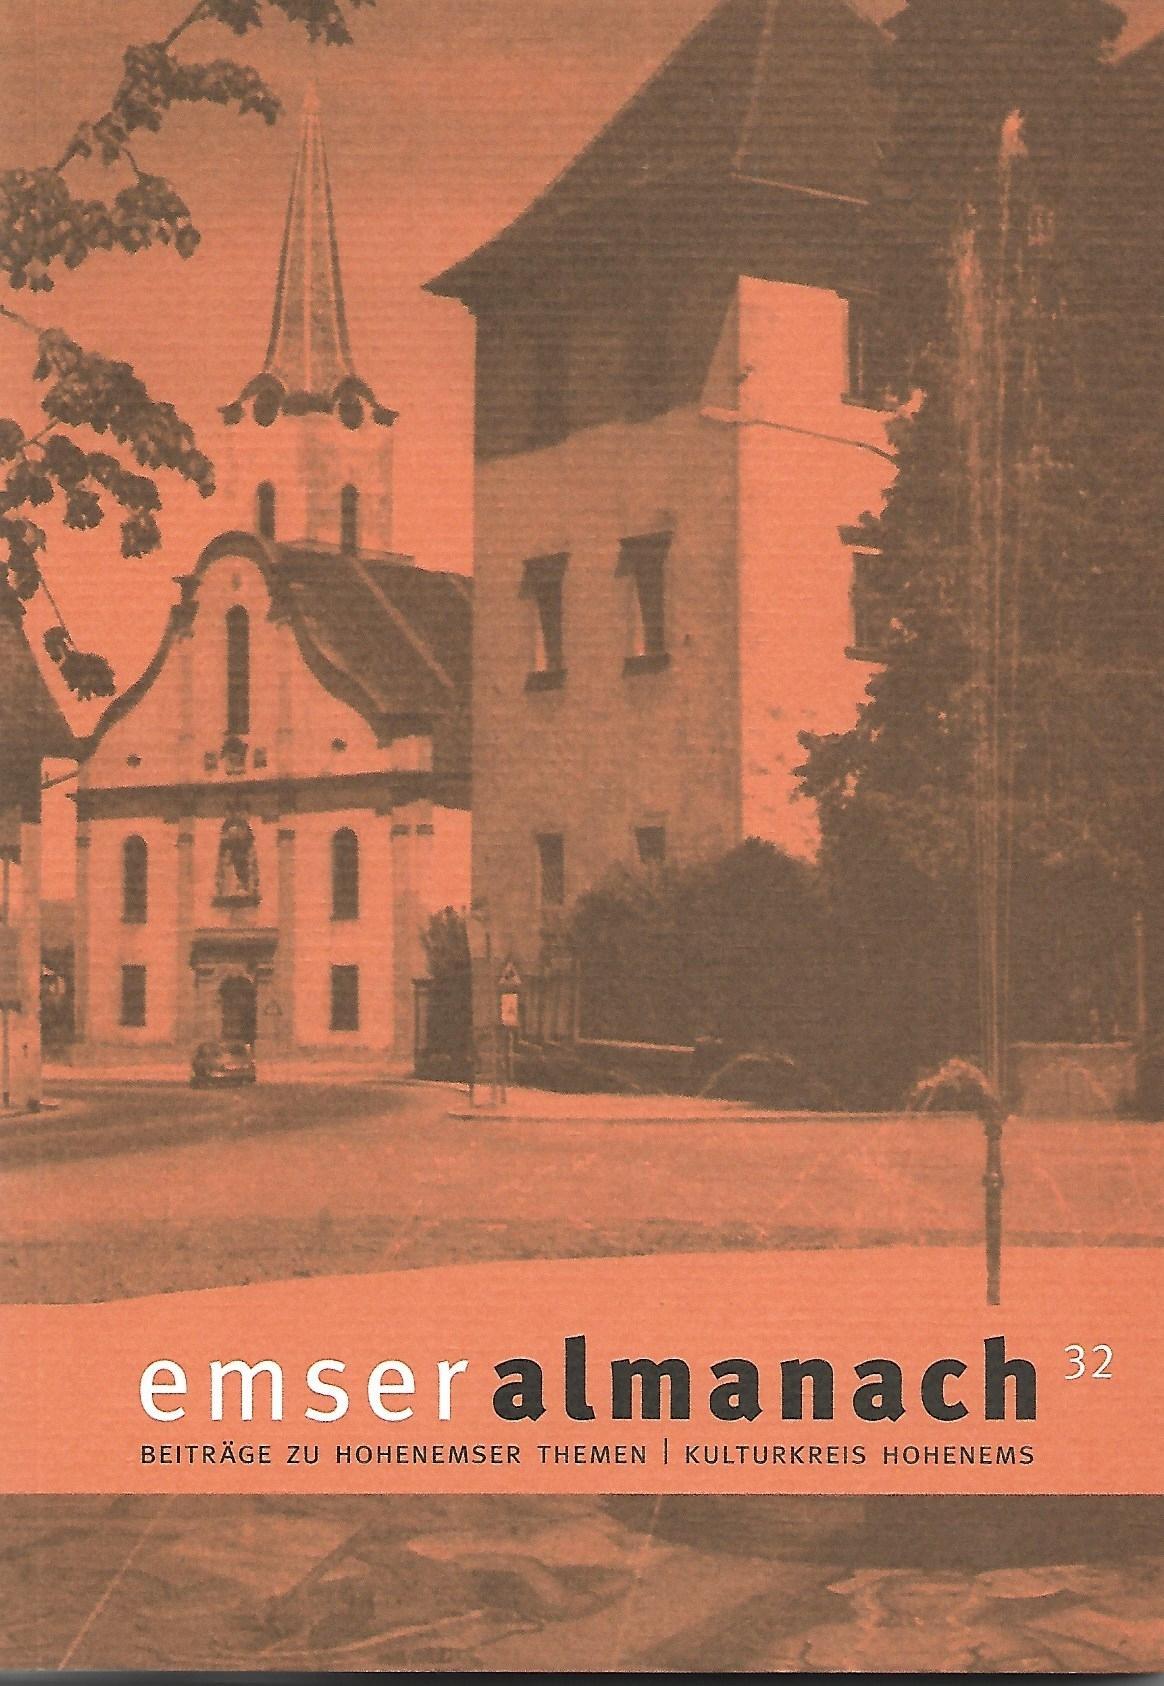 almanach_0029